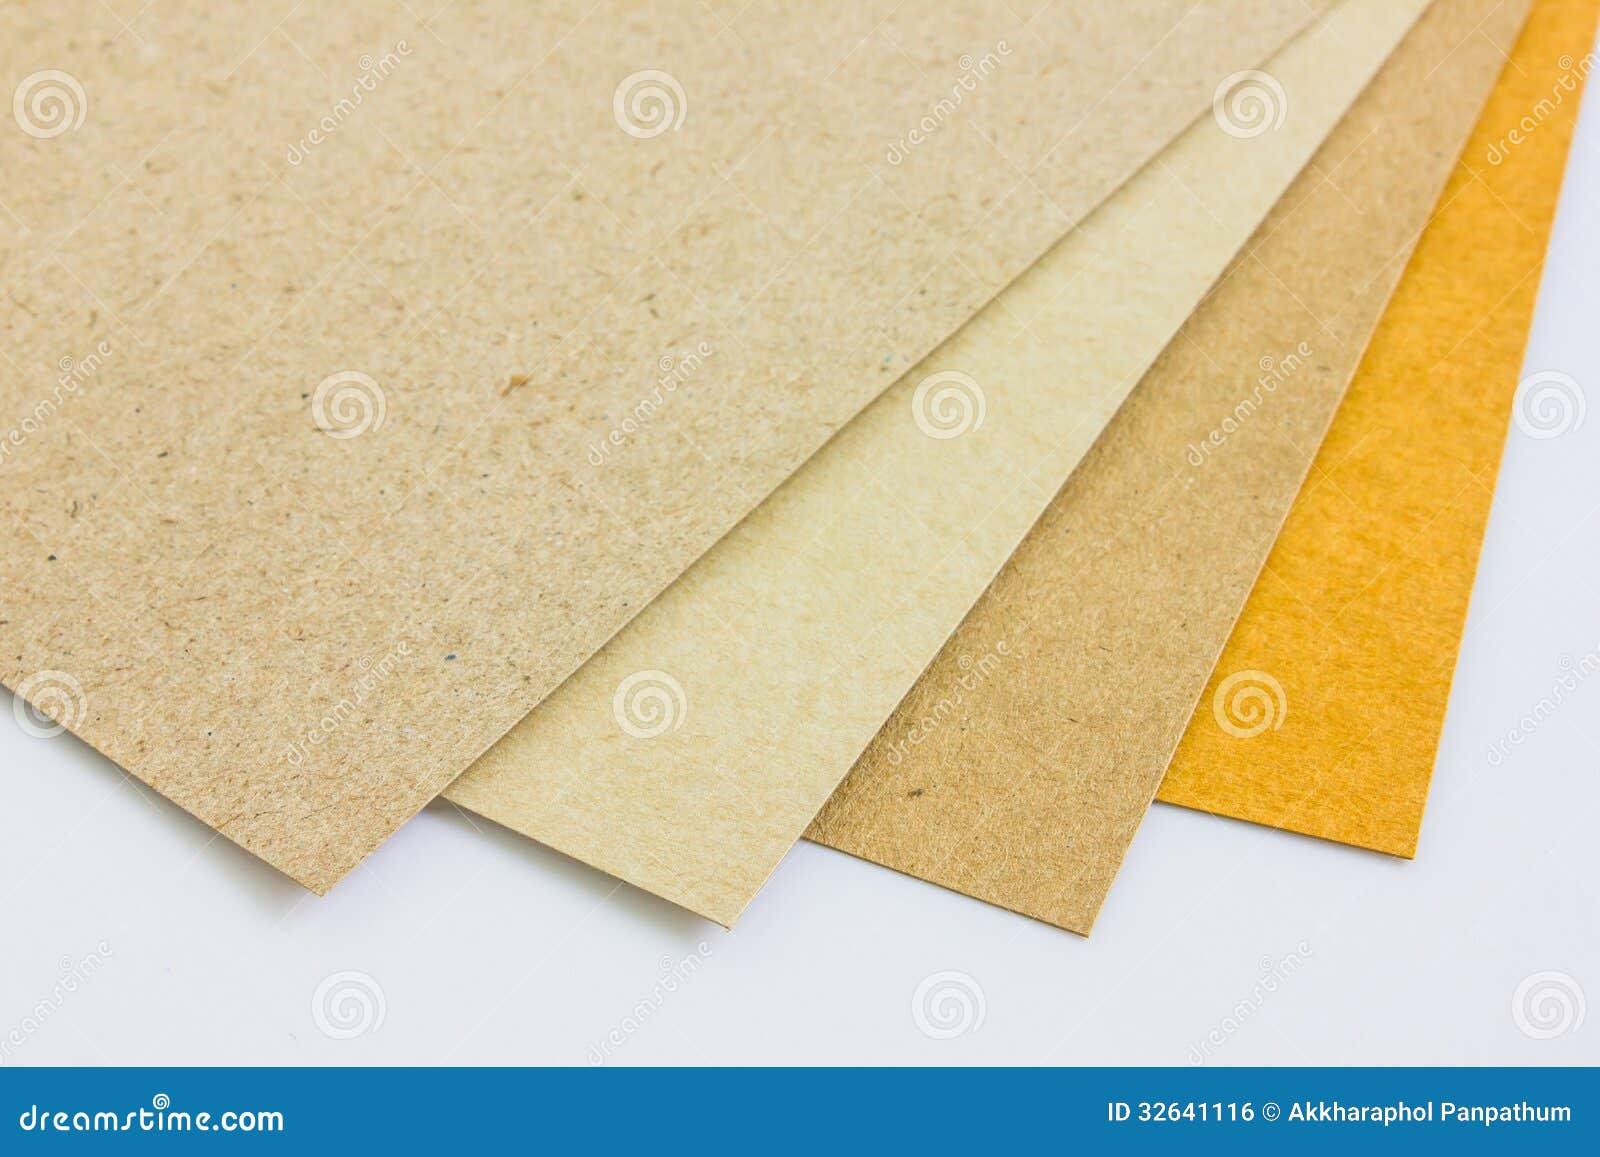 4 paper greade